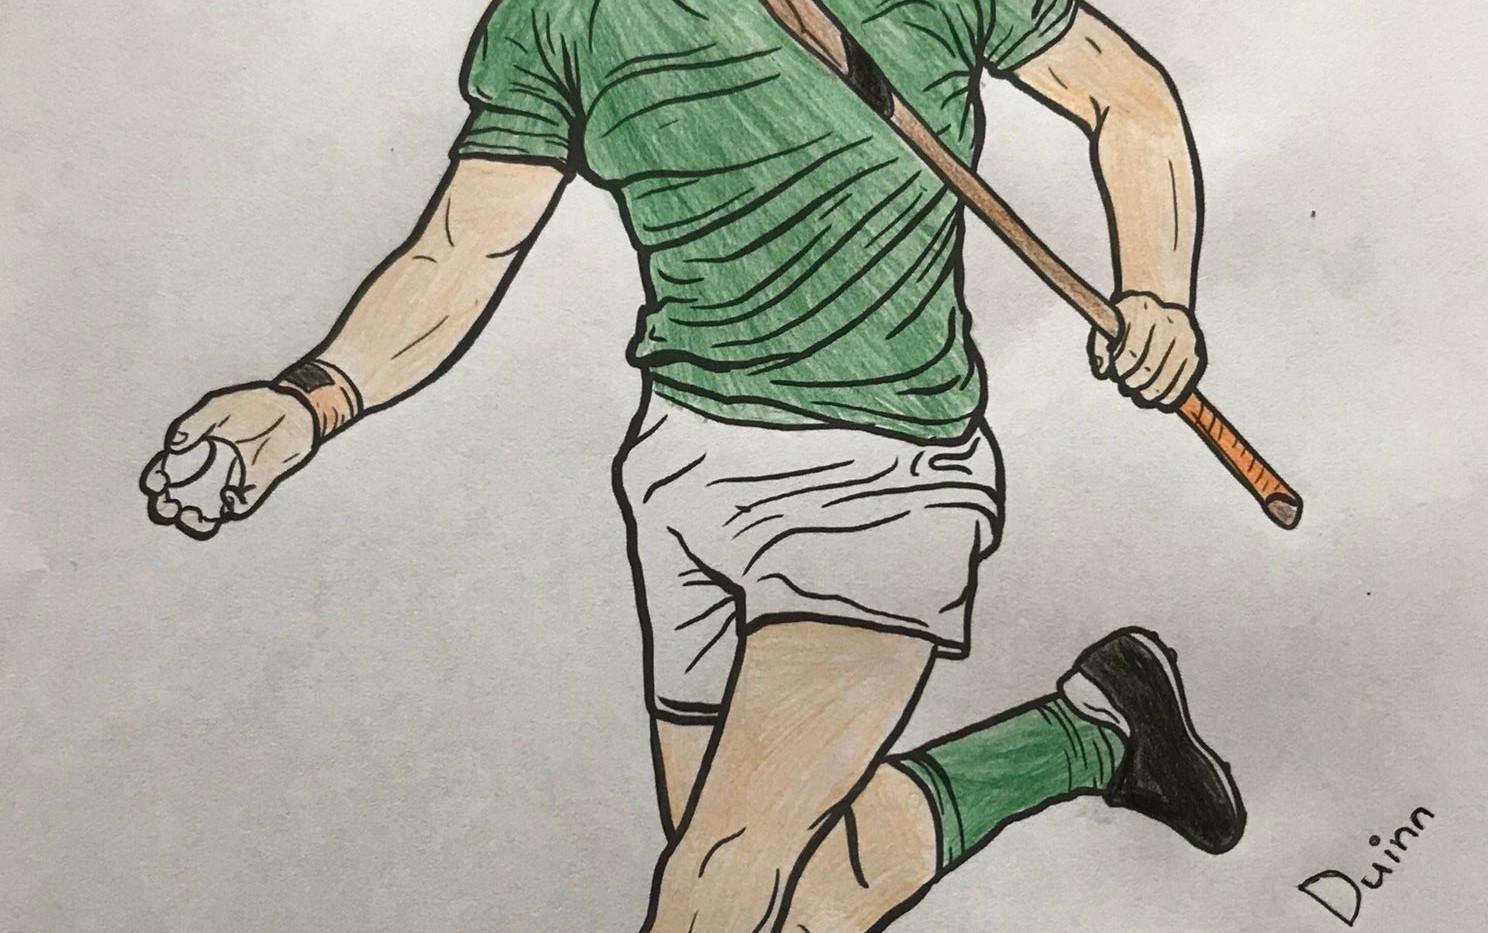 Fergal O'Duinn